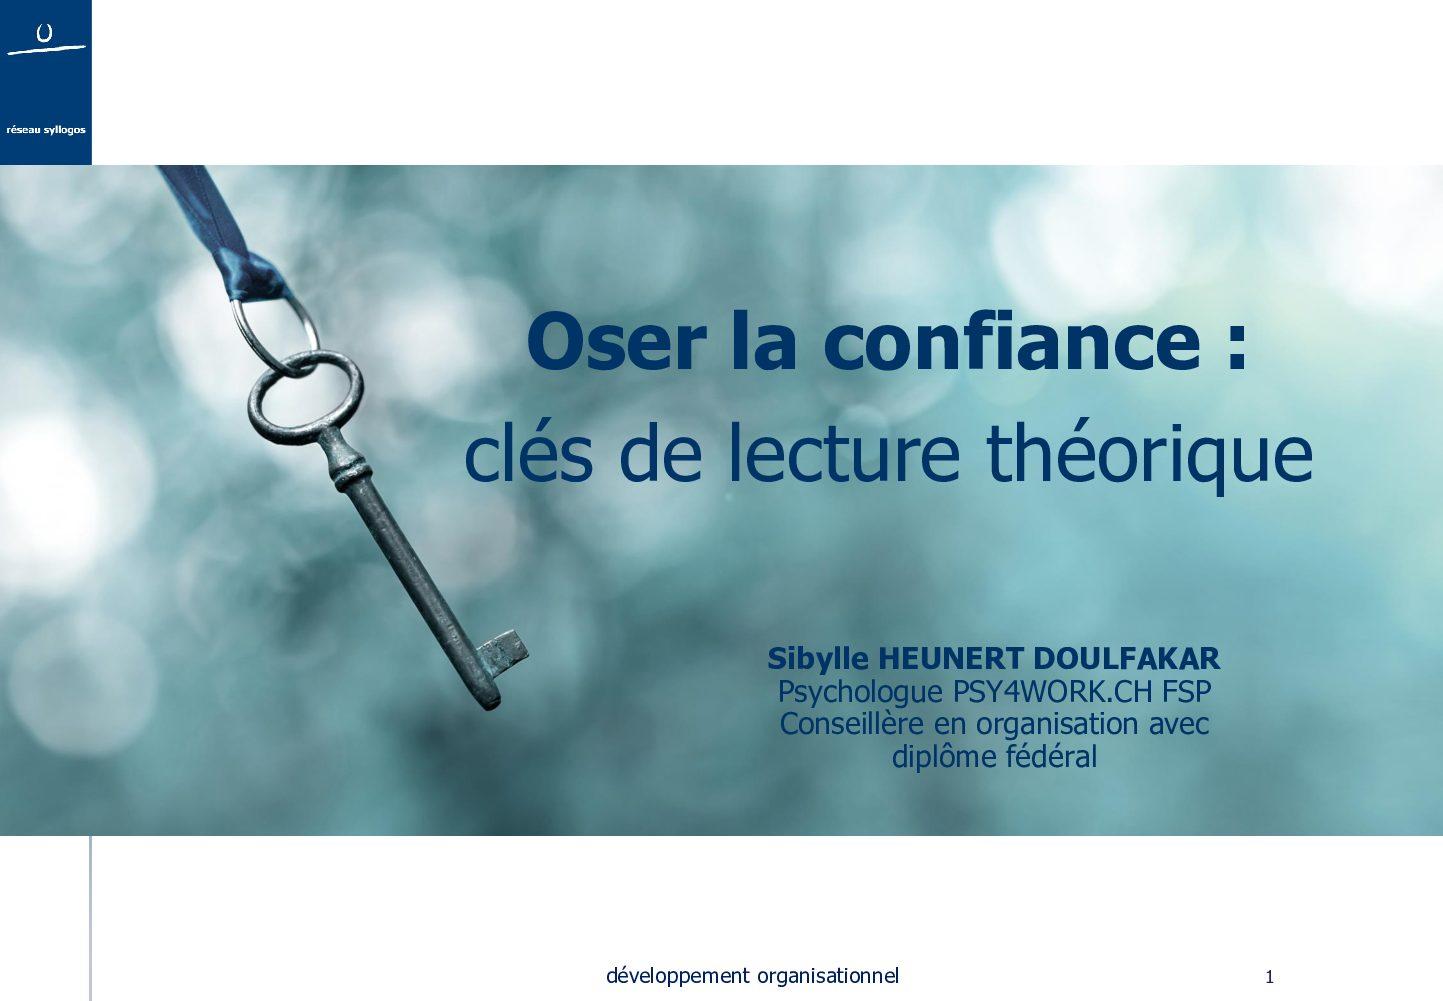 Oser la confiance : clés de lecture théoriques